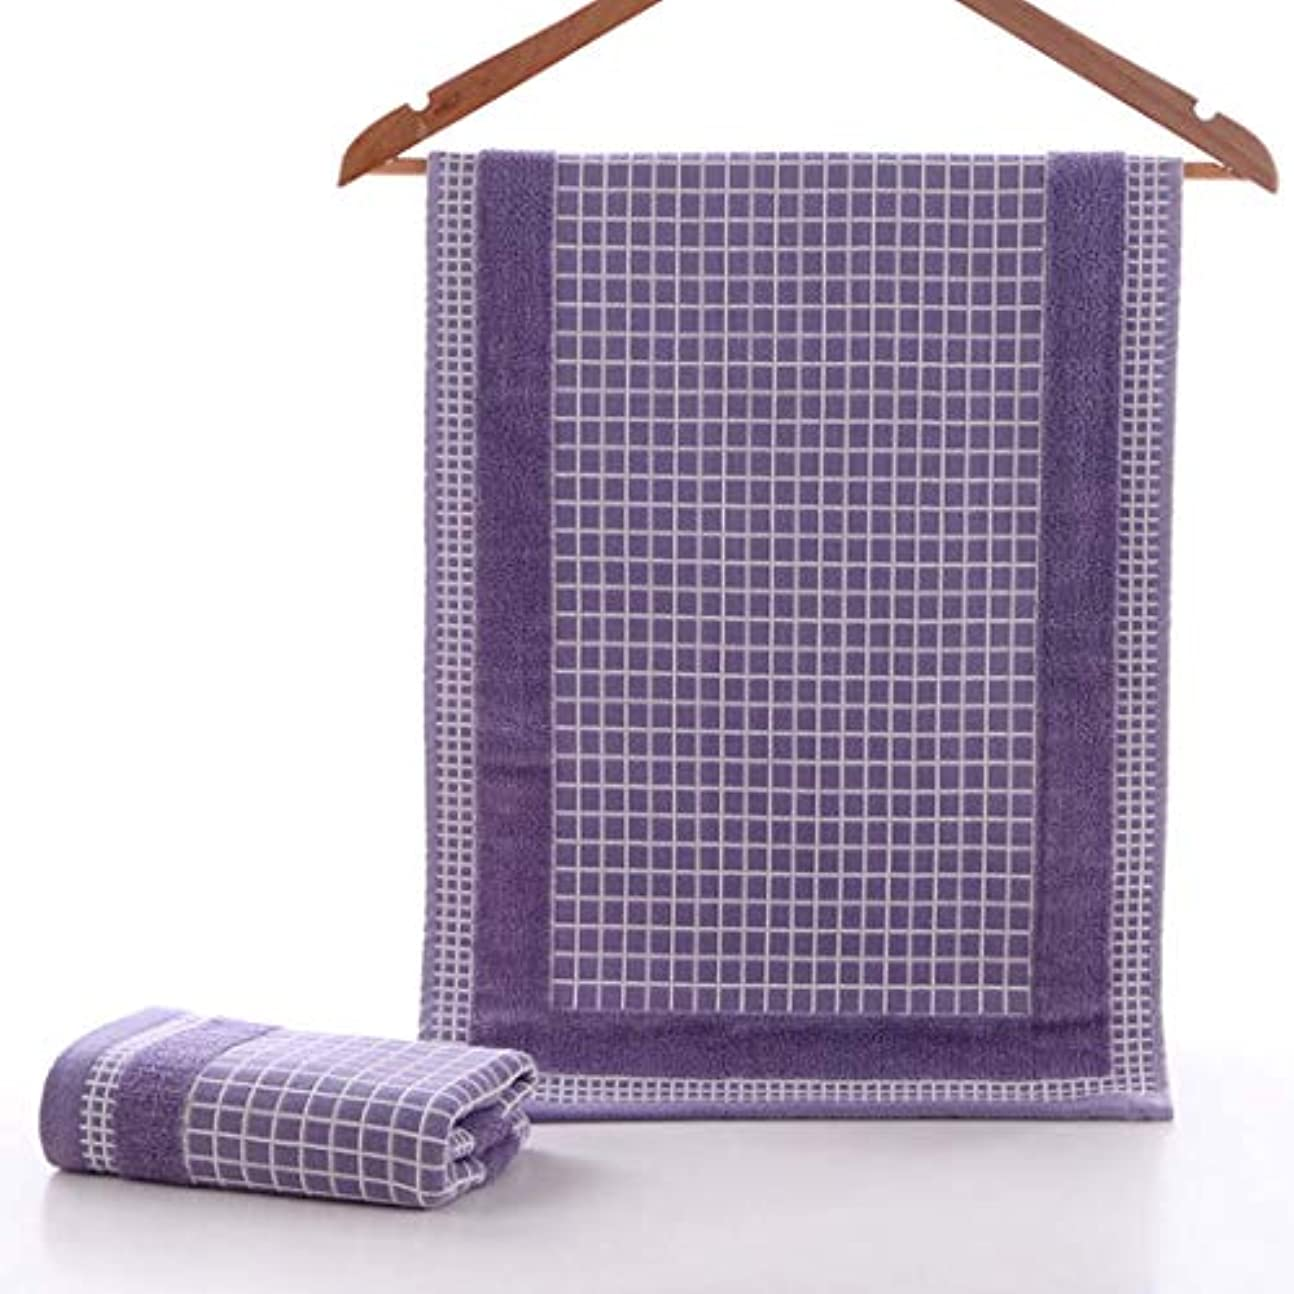 識別する秀でる切断するスーパーソフトコットンタオルコットンフェイスタオル吸収性フェイスタオル,Purple,34*75